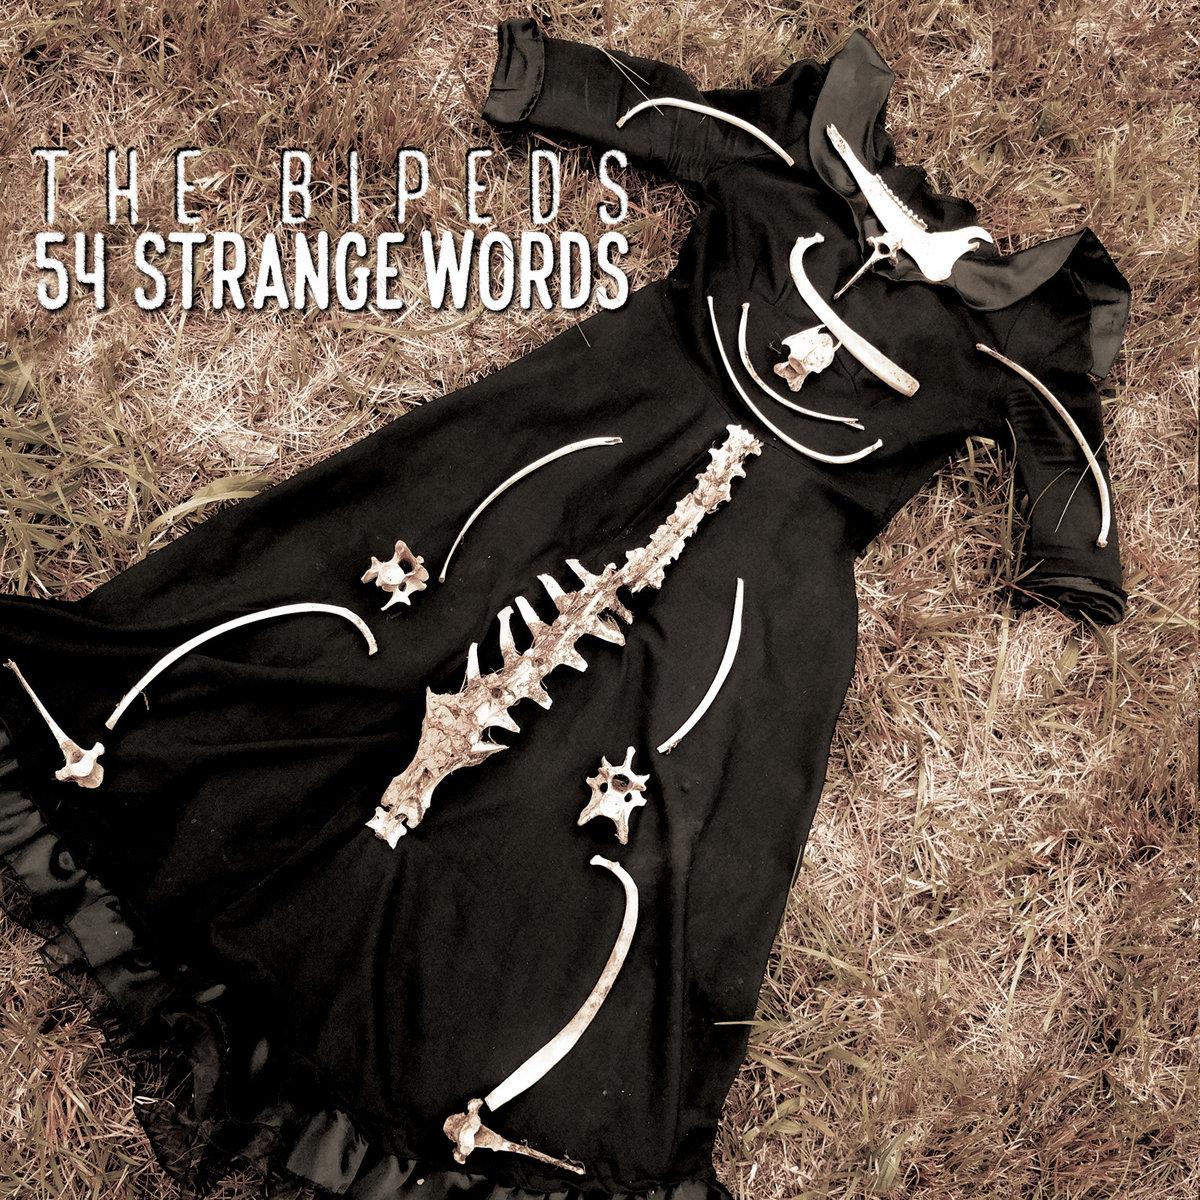 54 Strange Words (CD) $10 + shipping - 8 song album on hi-fidelity CD